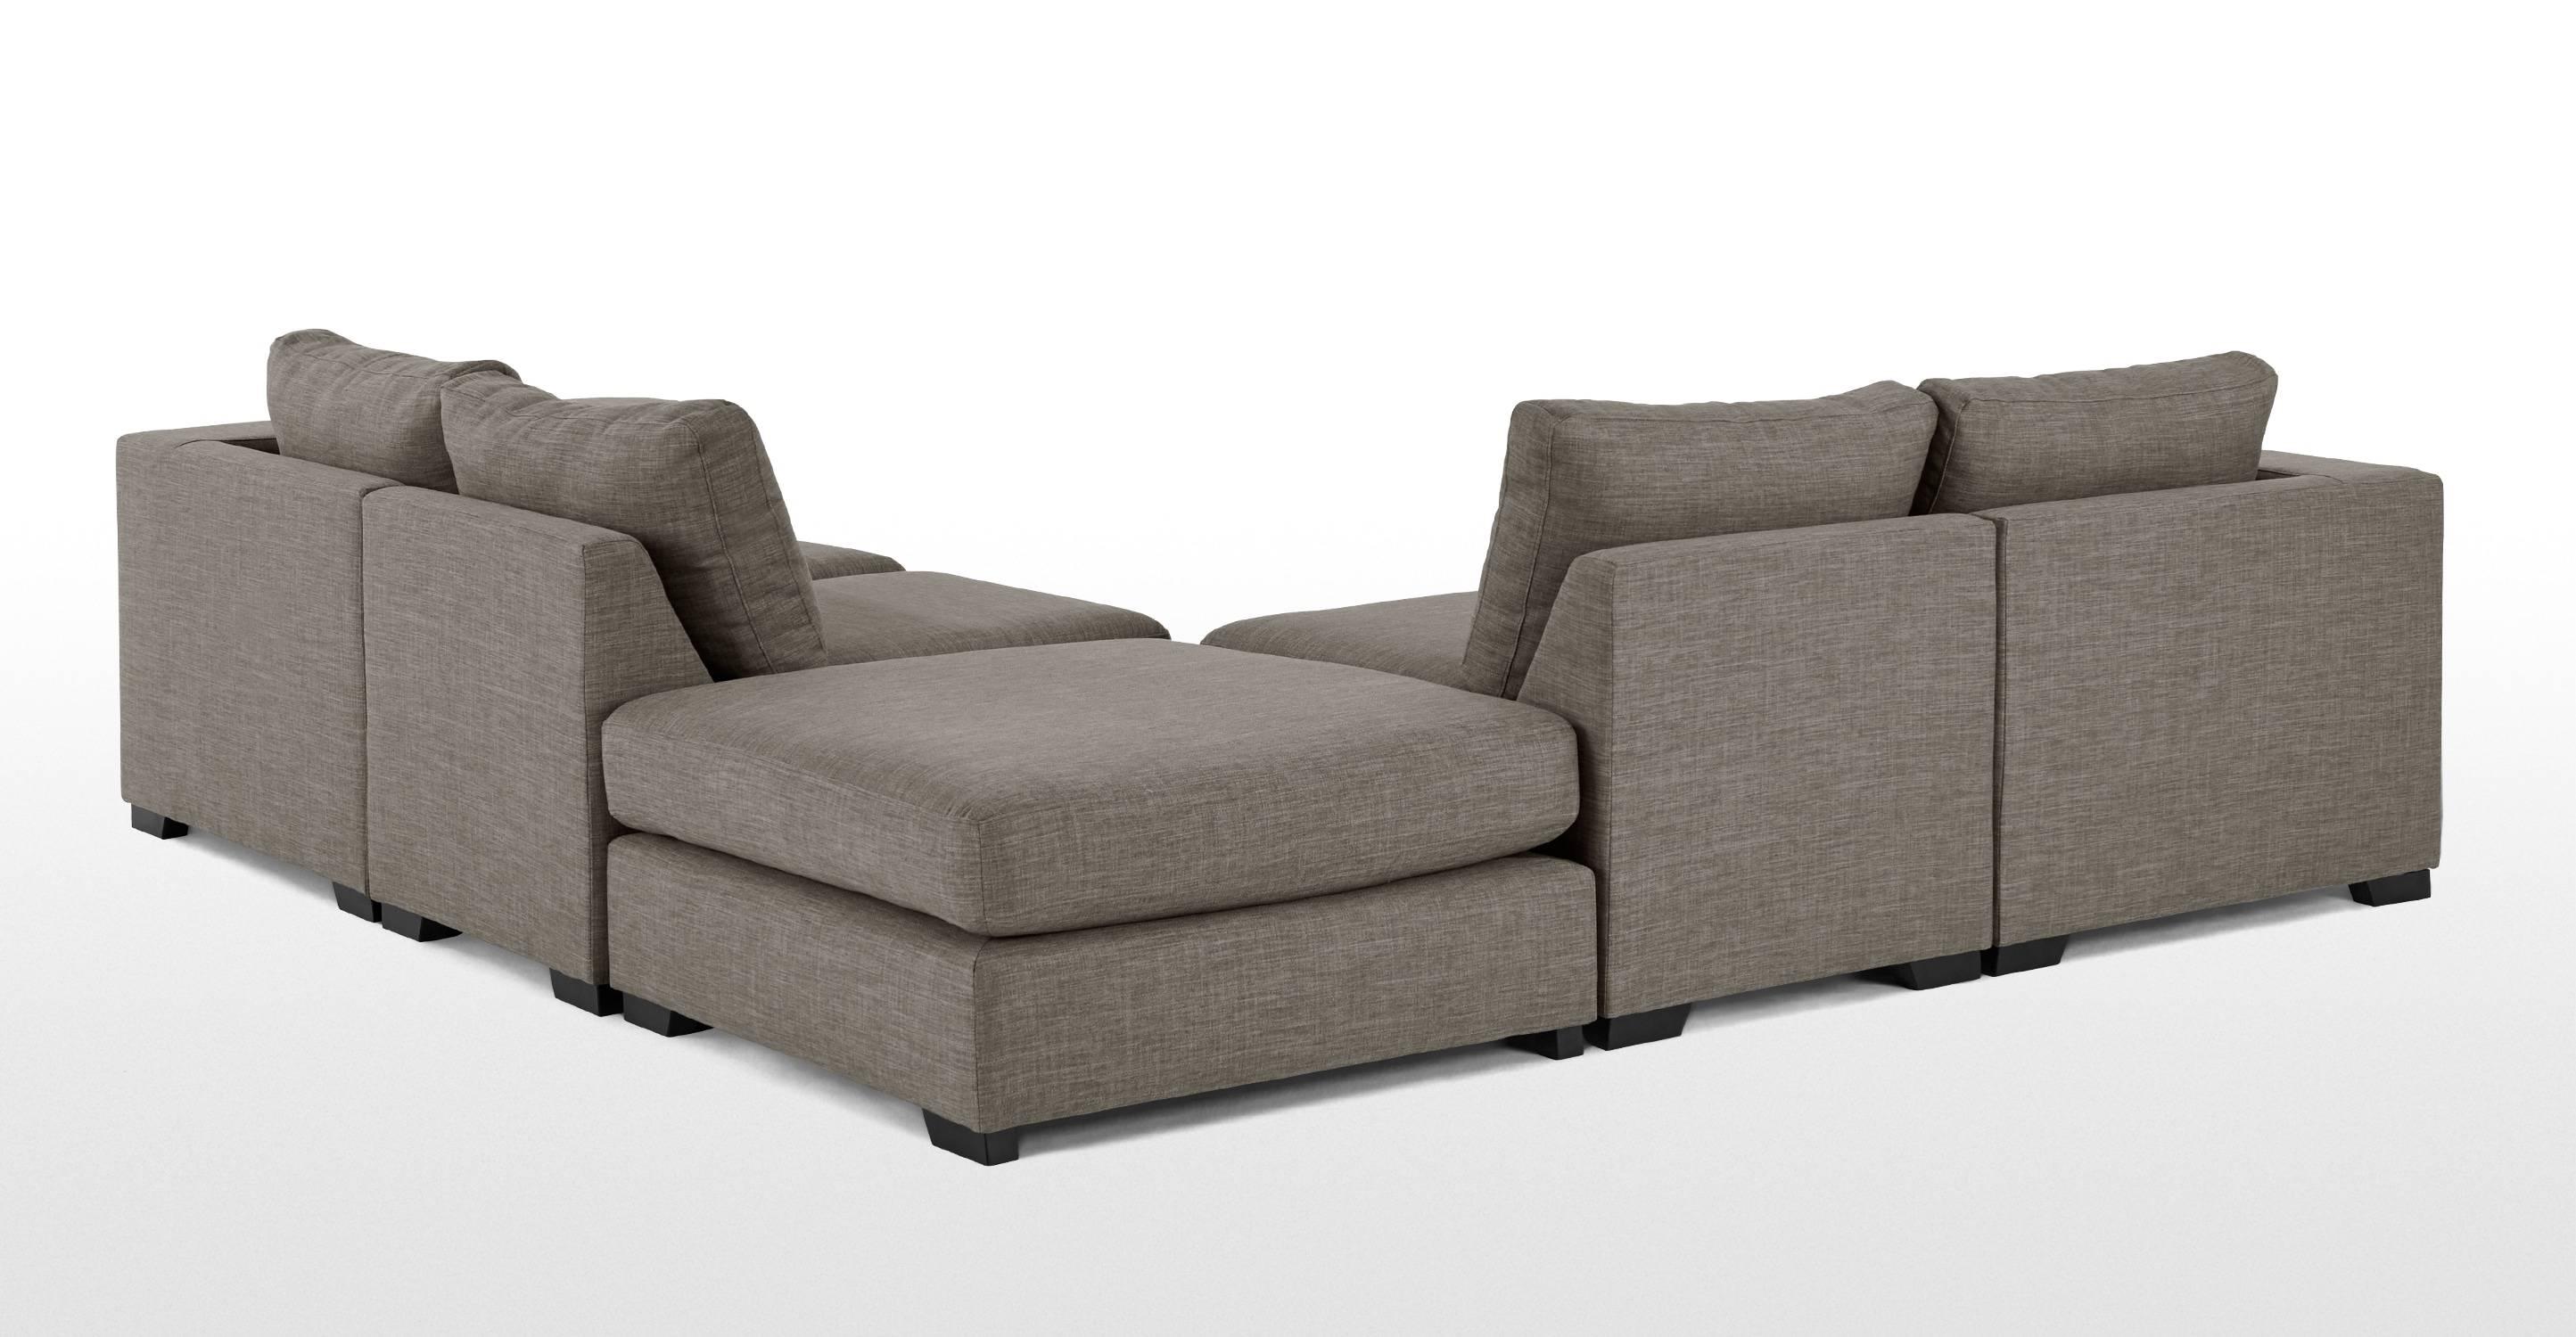 Mortimer Modular Corner Sofa Group, Chalk Grey | Made regarding Modular Corner Sofas (Image 30 of 30)